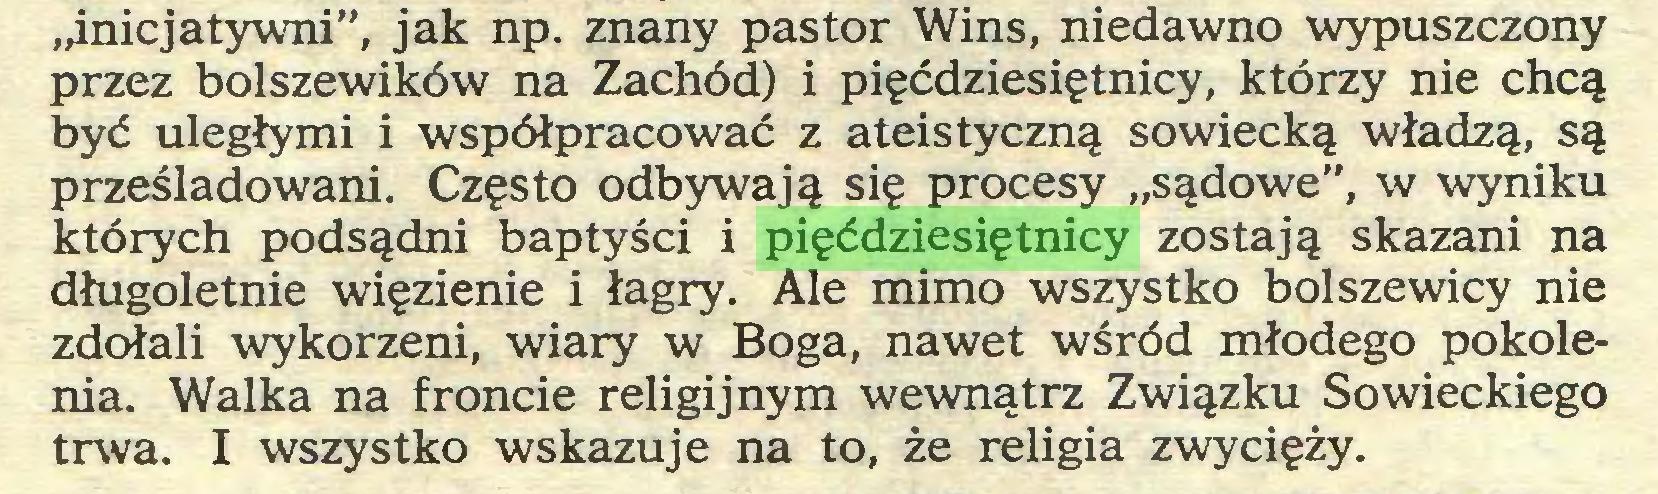 """(...) """"inicjatywni"""", jak np. znany pastor Wins, niedawno wypuszczony przez bolszewików na Zachód) i pięćdziesiętnicy, którzy nie chcą być uległymi i współpracować z ateistyczną sowiecką władzą, są prześladowani. Często odbywają się procesy """"sądowe"""", w wyniku których podsądni baptyści i pięćdziesiętnicy zostają skazani na długoletnie więzienie i łagry. Ale mimo wszystko bolszewicy nie zdołali wykorzeni, wiary w Boga, nawet wśród młodego pokolenia. Walka na froncie religijnym wewnątrz Związku Sowieckiego trwa. I wszystko wskazuje na to, że religia zwycięży..."""